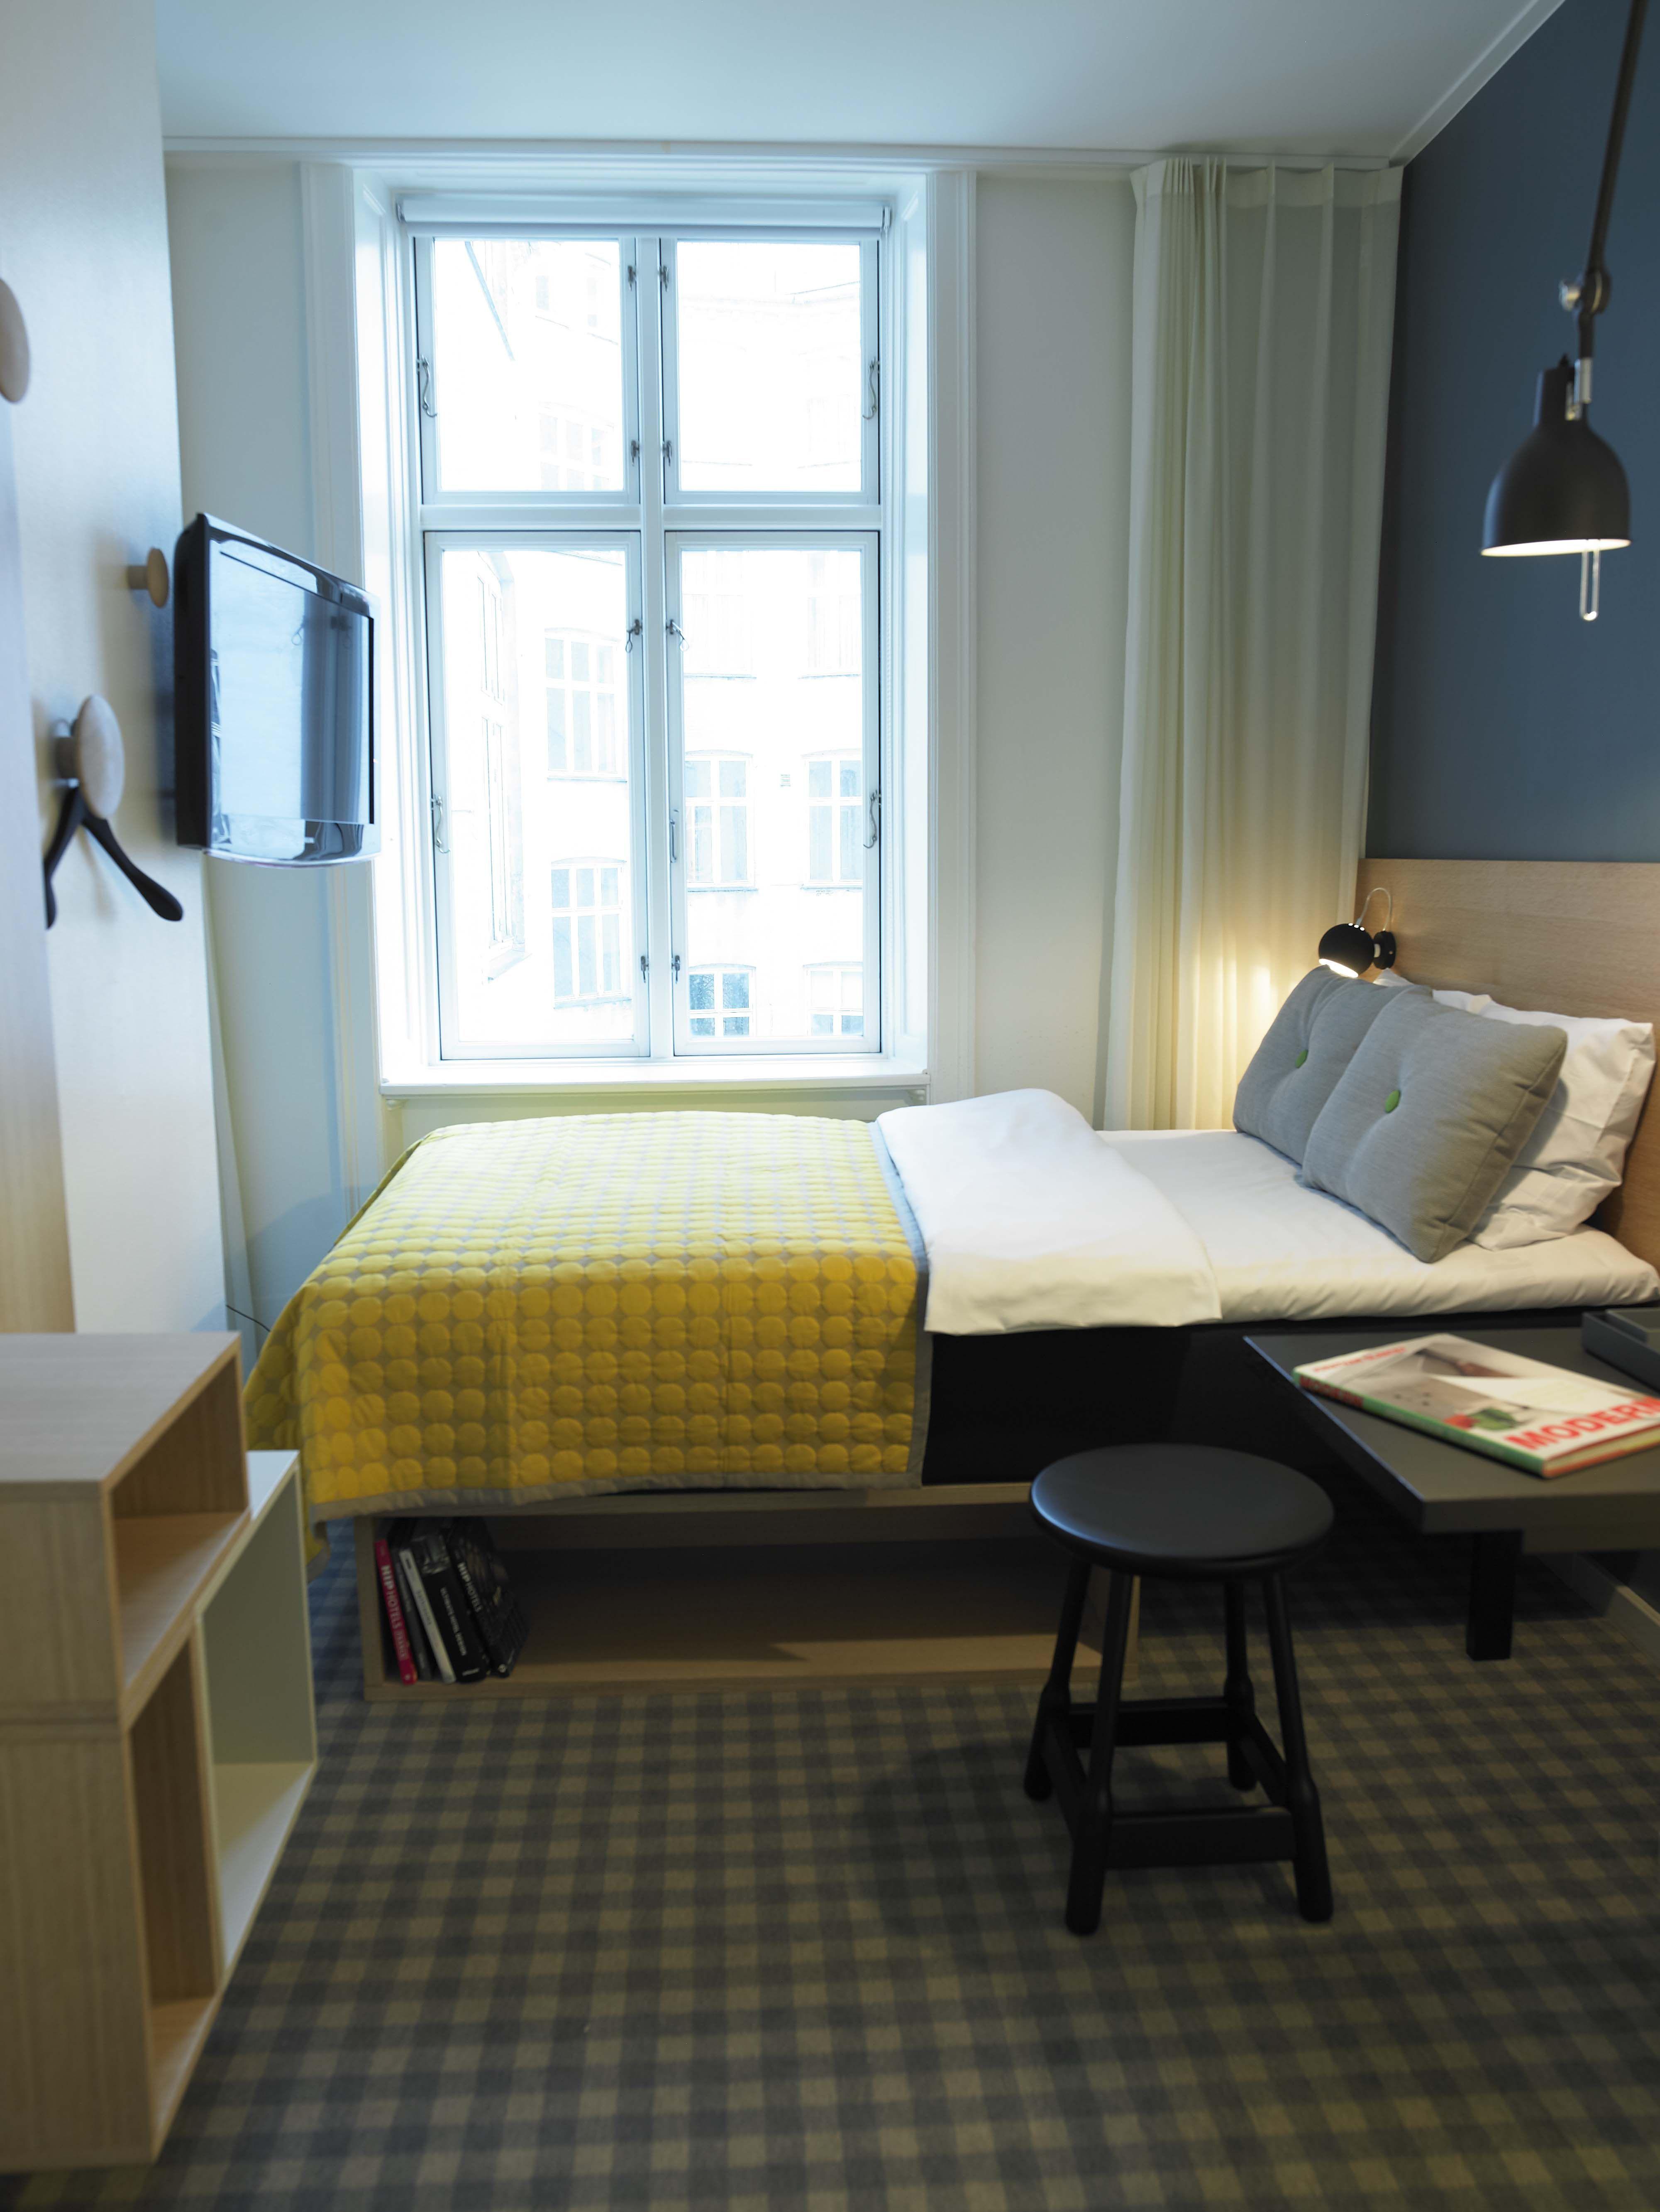 Tiny Hotel Room - Google Small Rooms